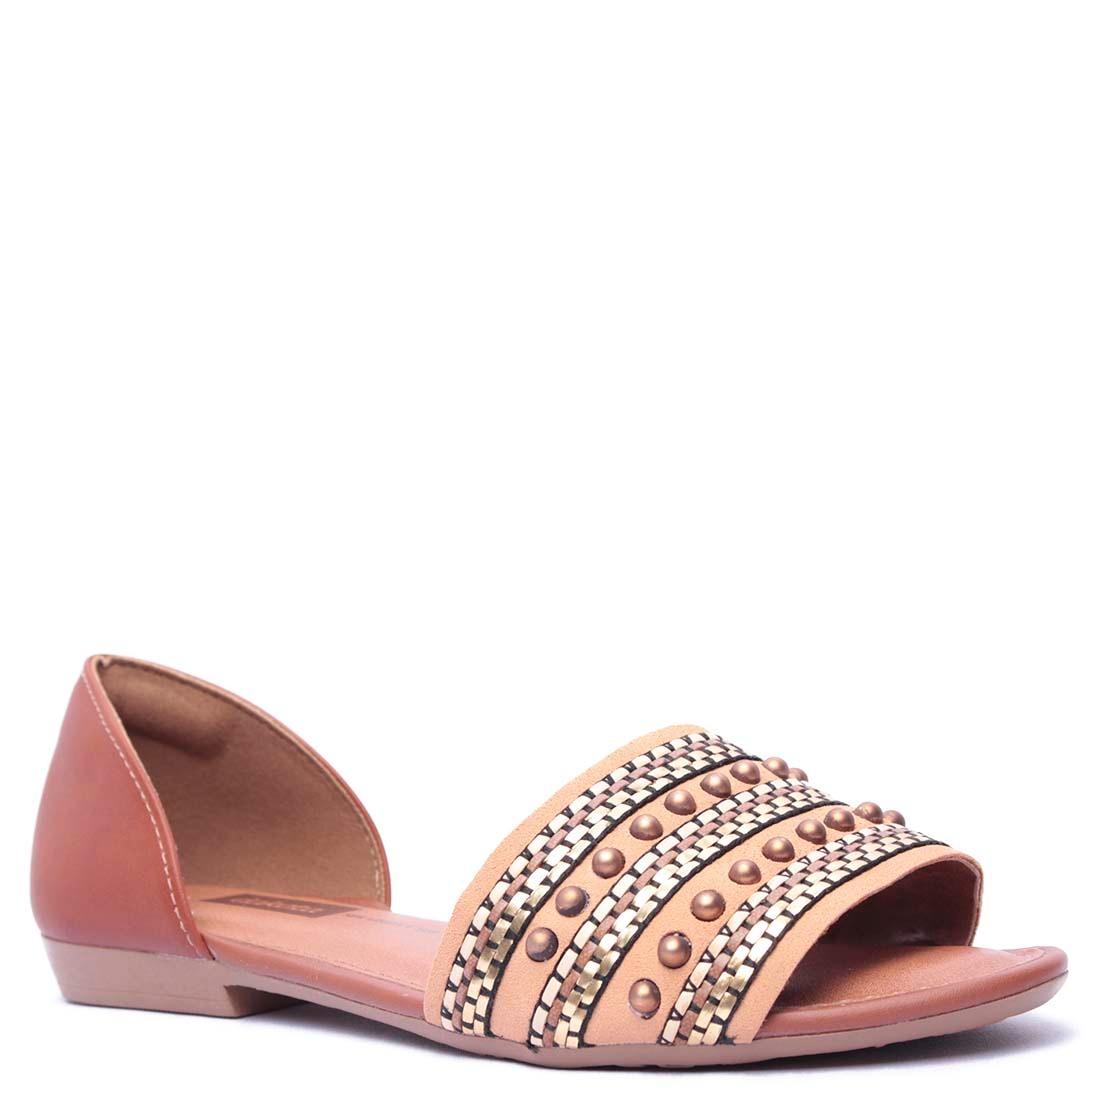 1b1bf1b815 sandália rasteira feminina dakota com tachas. Carregando zoom.